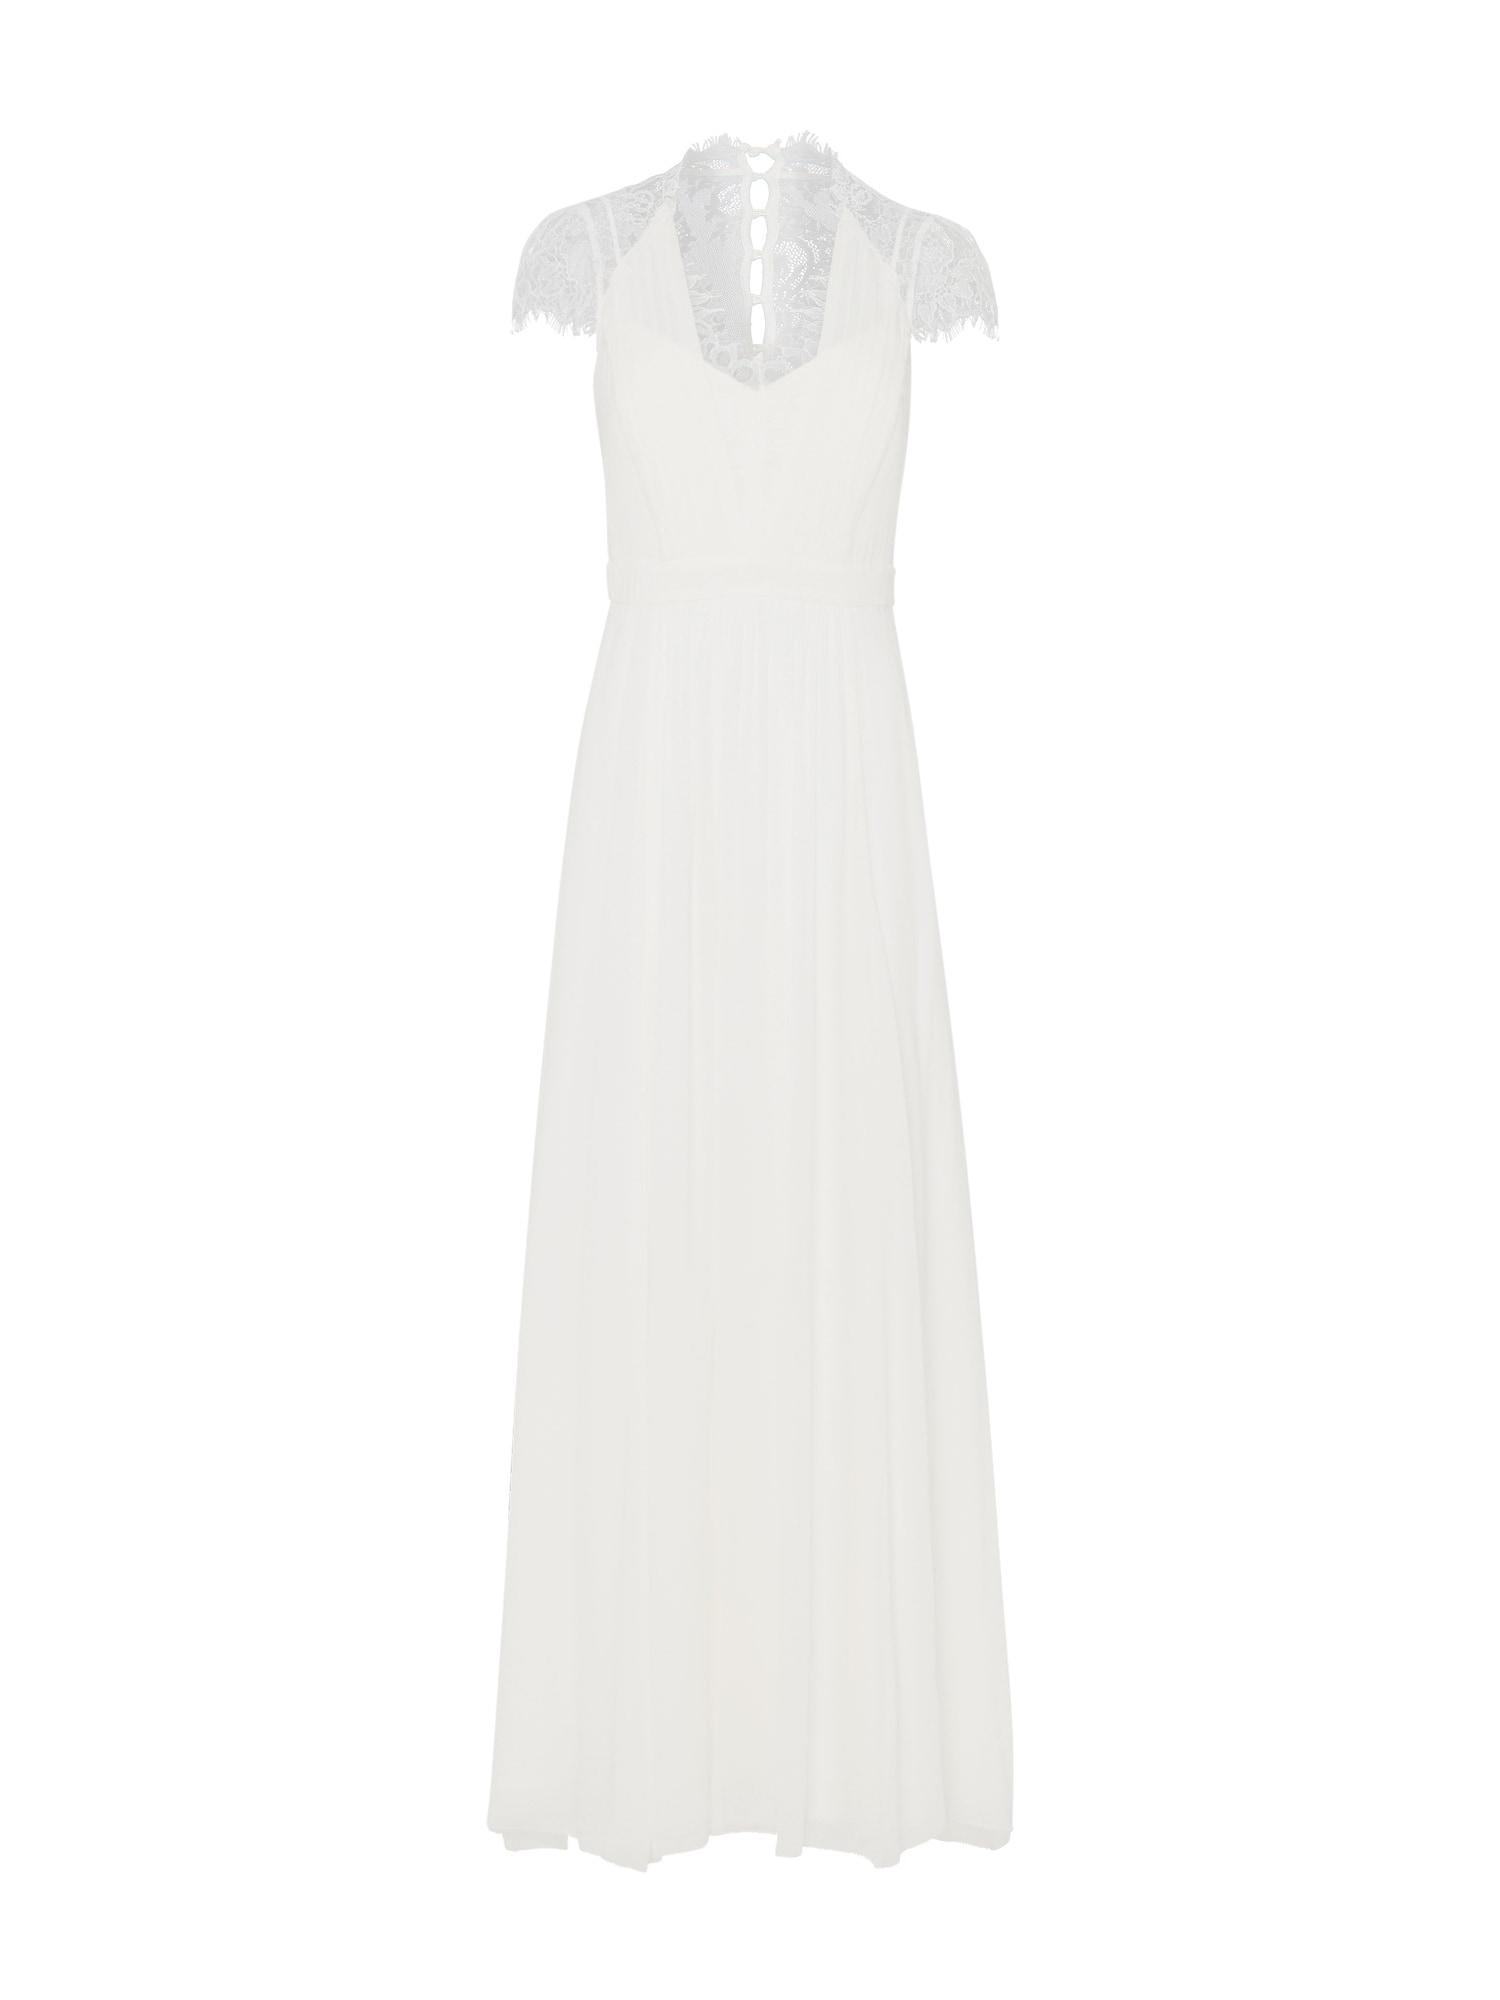 Brautkleid 'Bridal Dress'   Bekleidung > Kleider > Brautkleider   Weiß   IVY & OAK